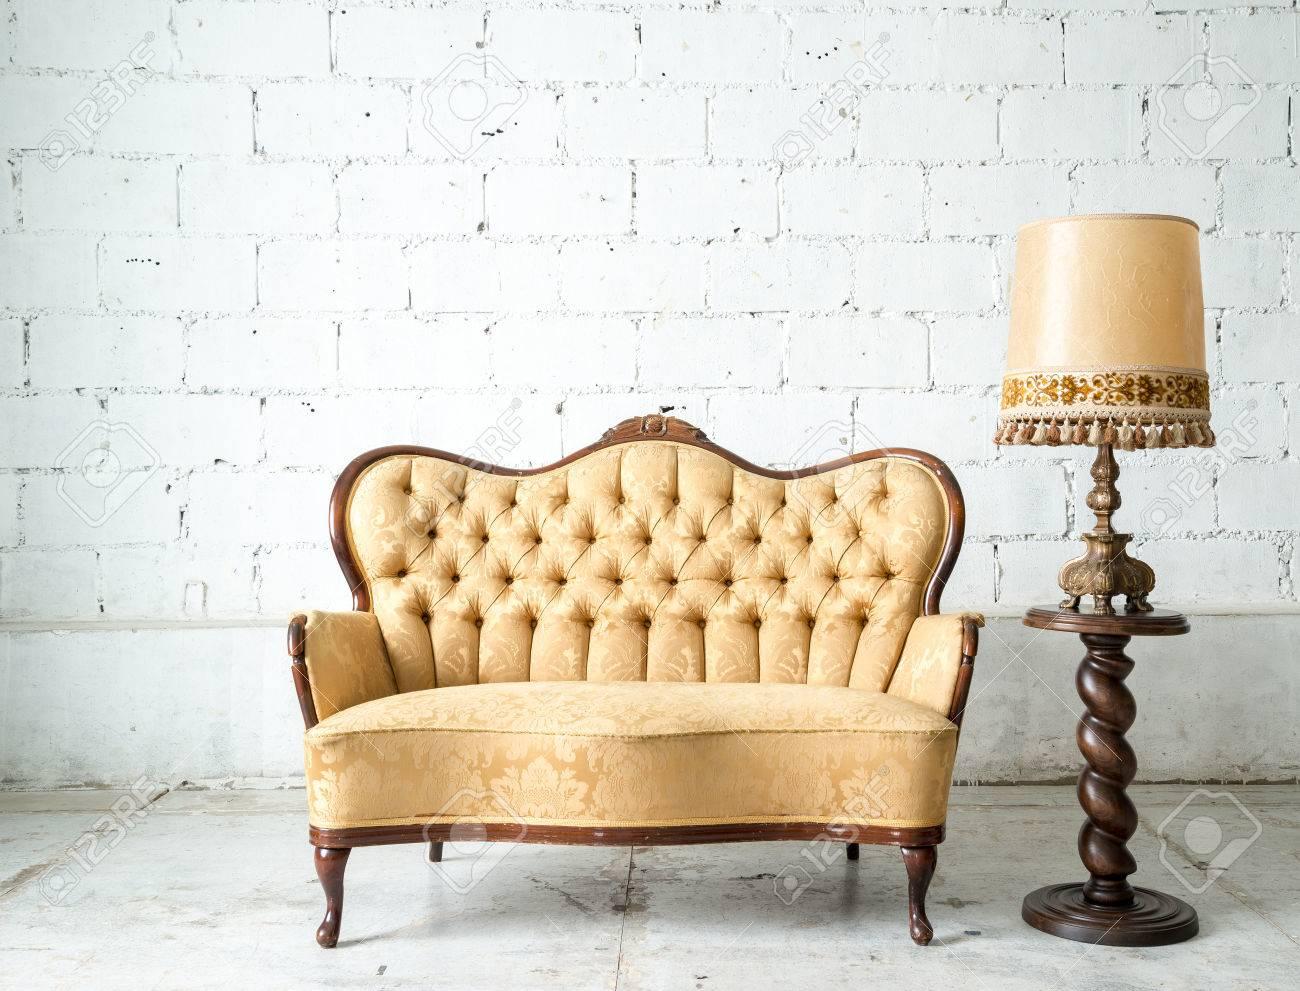 Style classique Fauteuil canapé-lit dans la chambre vintage avec lampe de  bureau